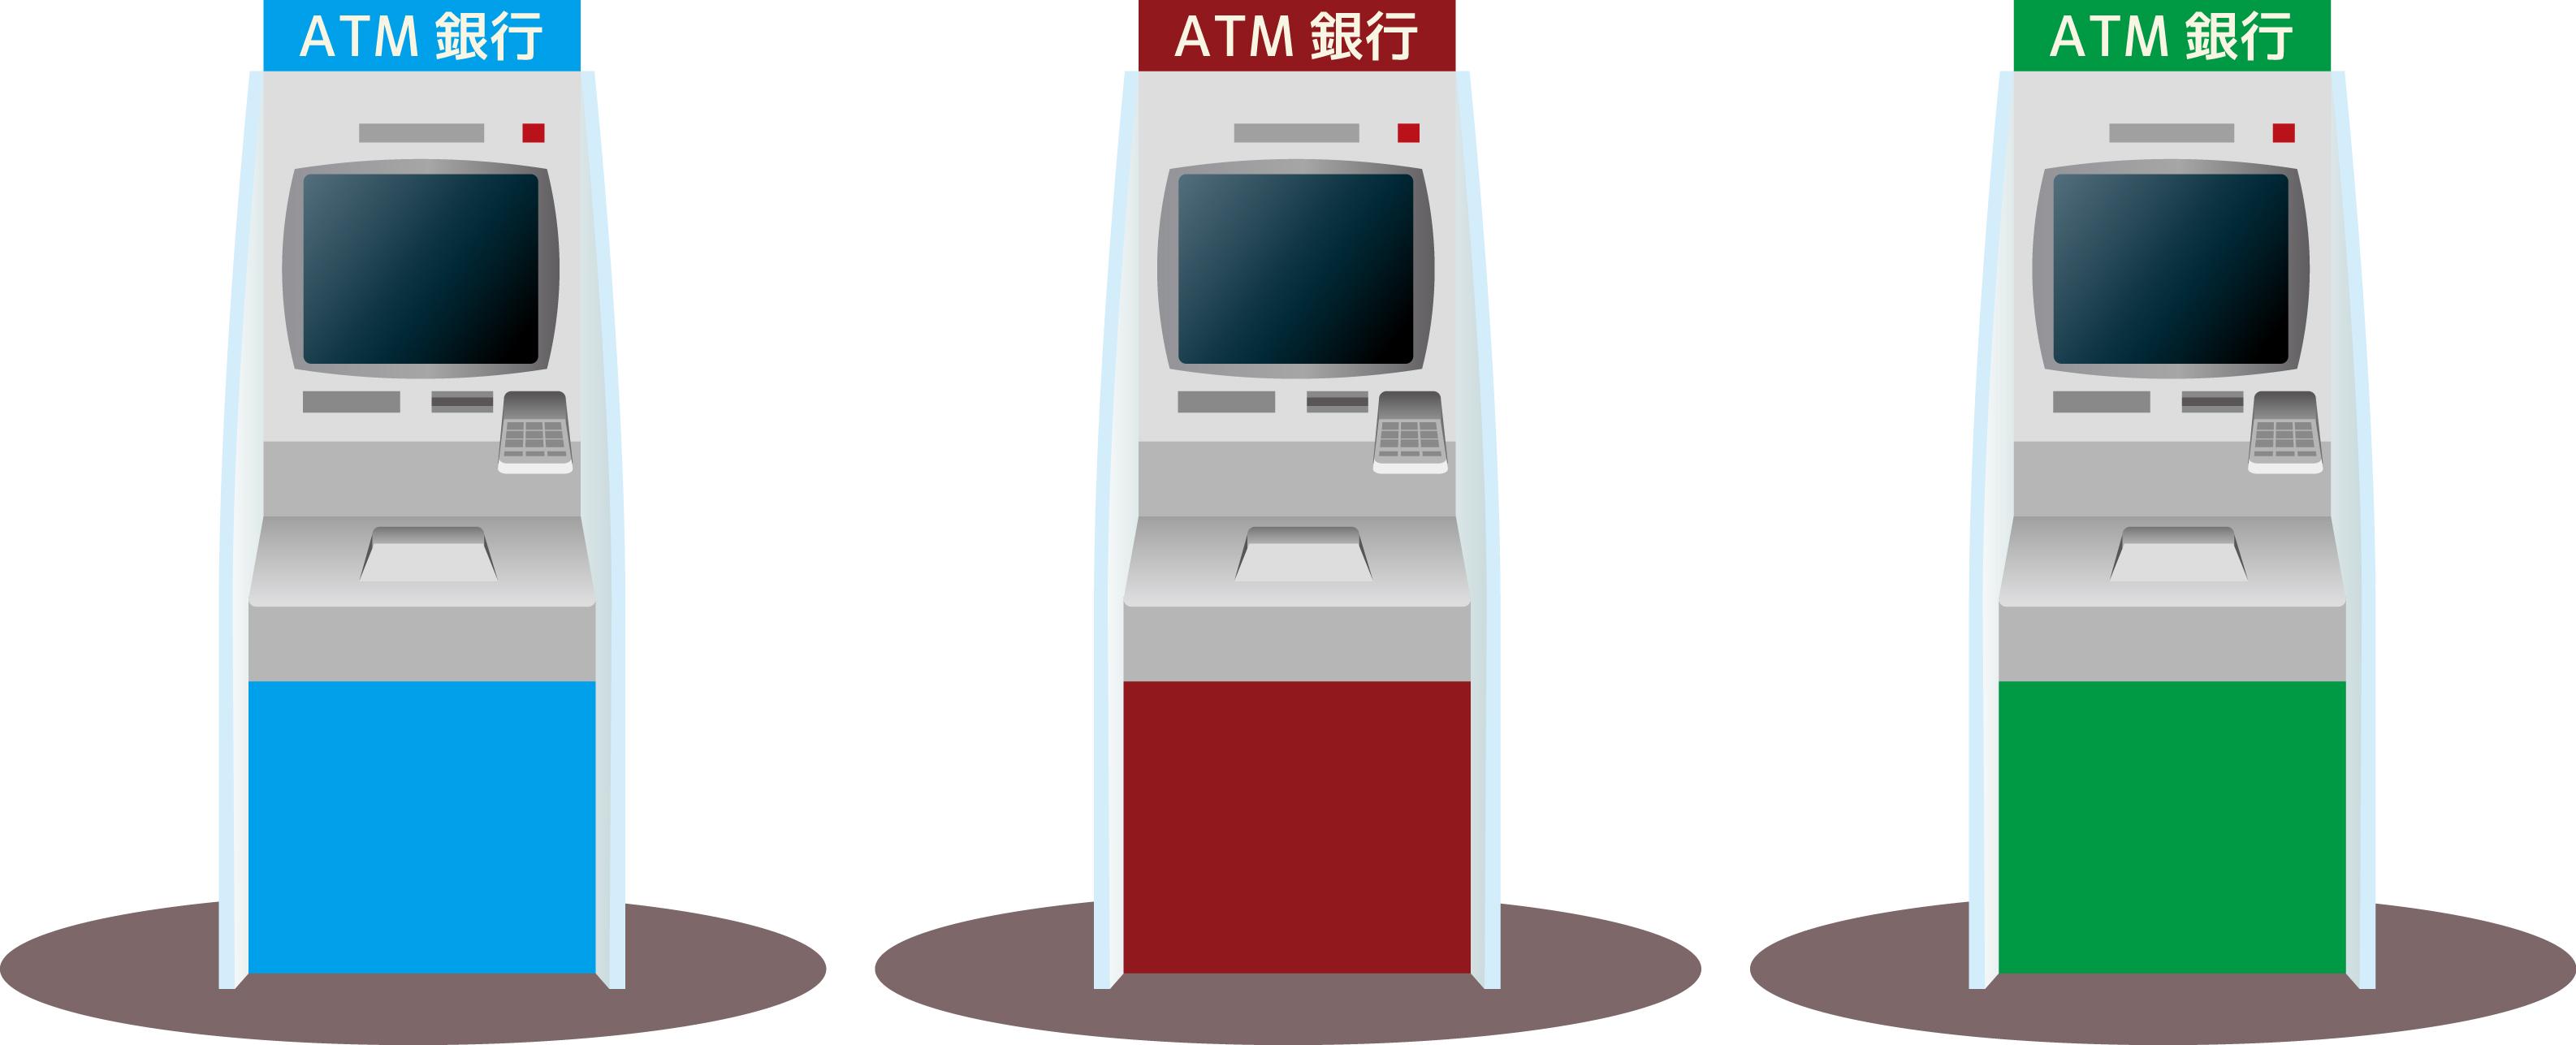 Atm 近く の りそな 銀行